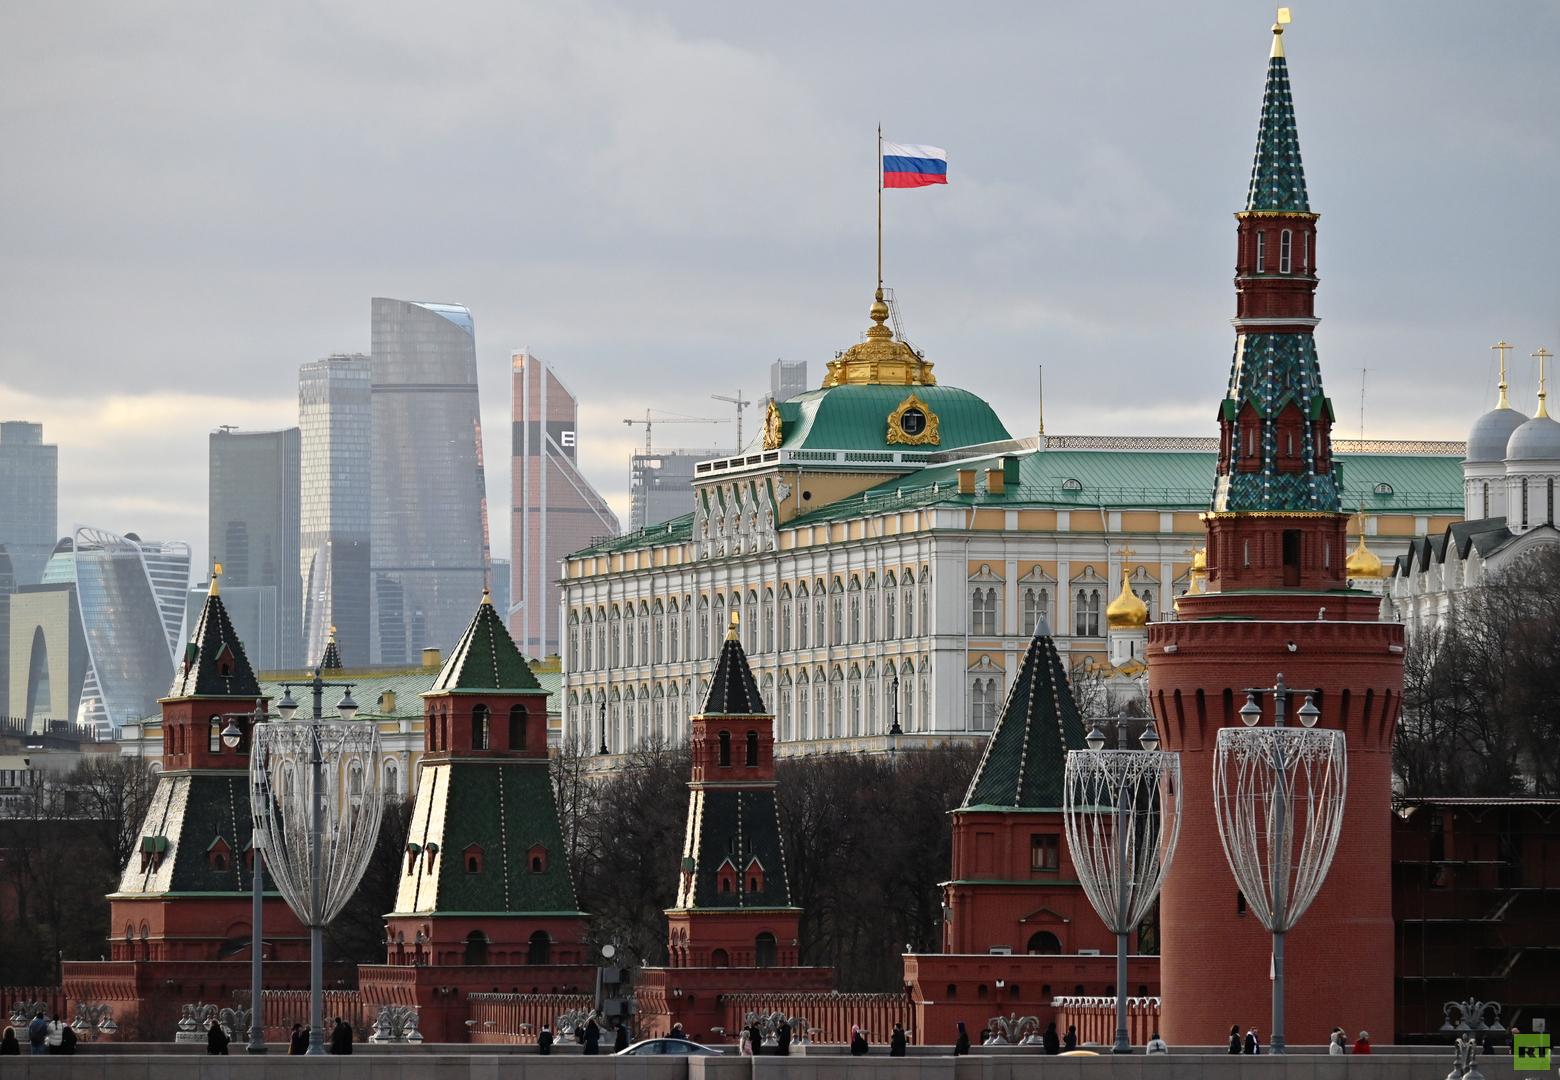 قصر الكرملين الكبير - تحفة موسكو المعمارية